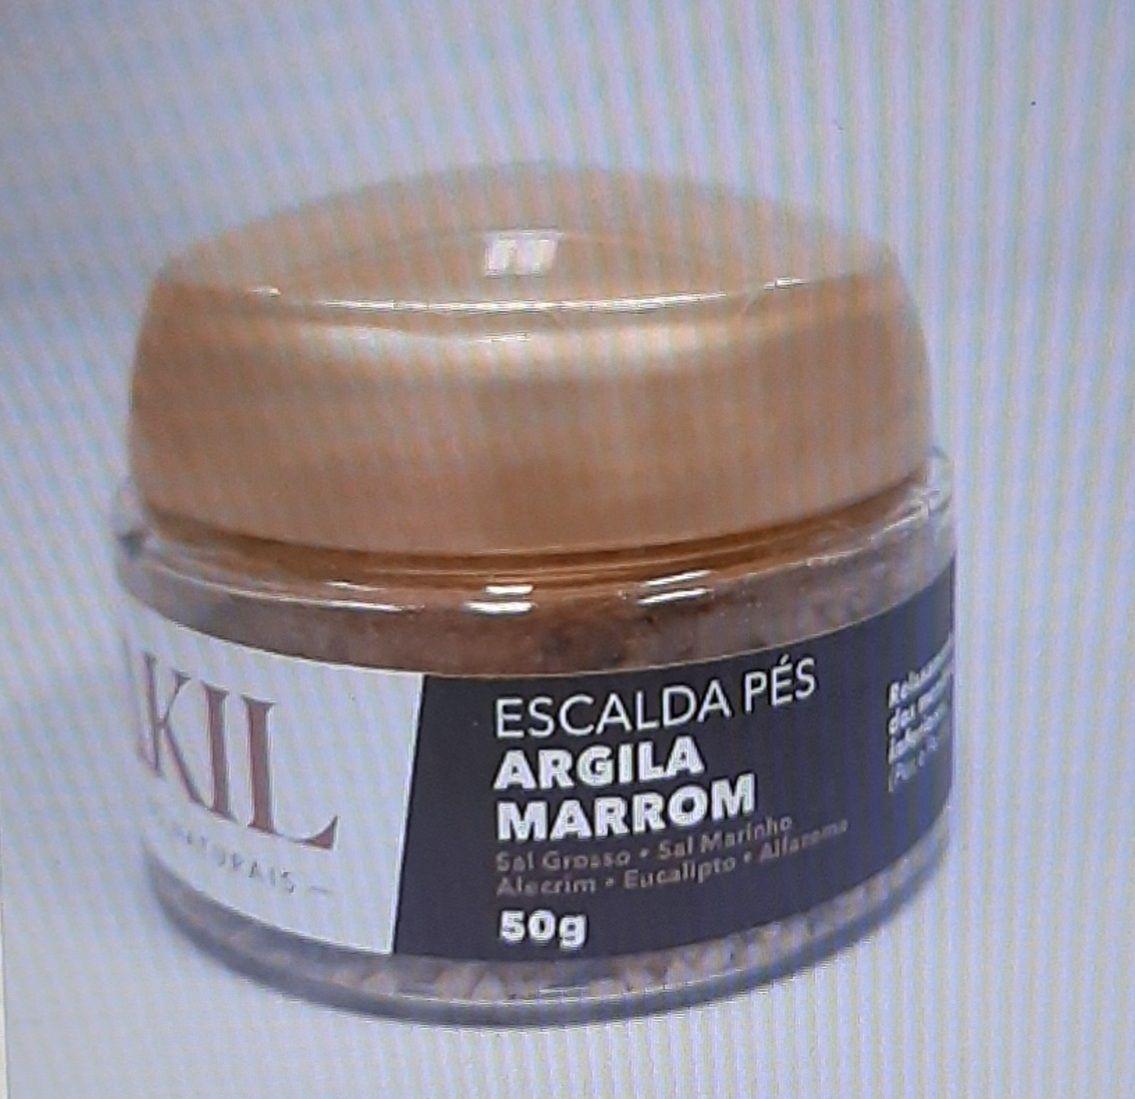 ESCALDA PÉS DE ARGILA MARROM 50 G POTE